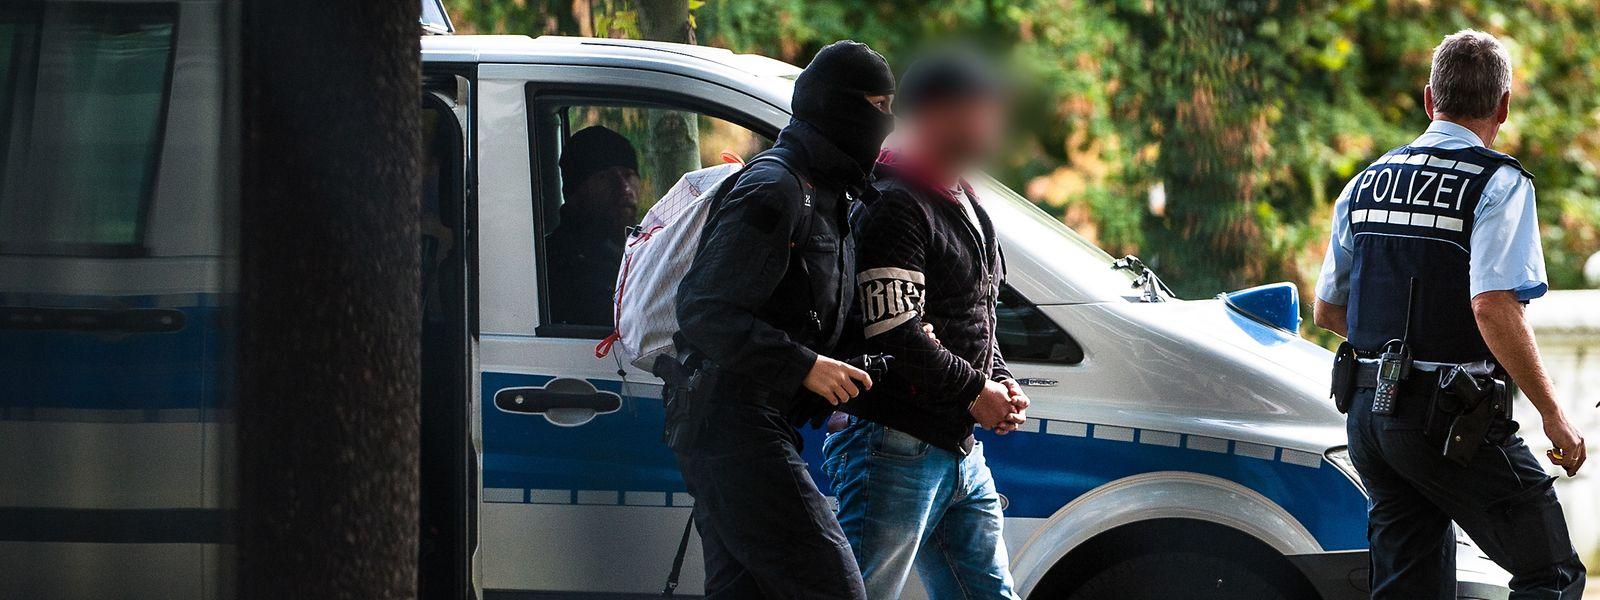 Die mutmaßlichen Rechtsterroristen waren am Montag in Bayern und Sachsen festgenommen worden.